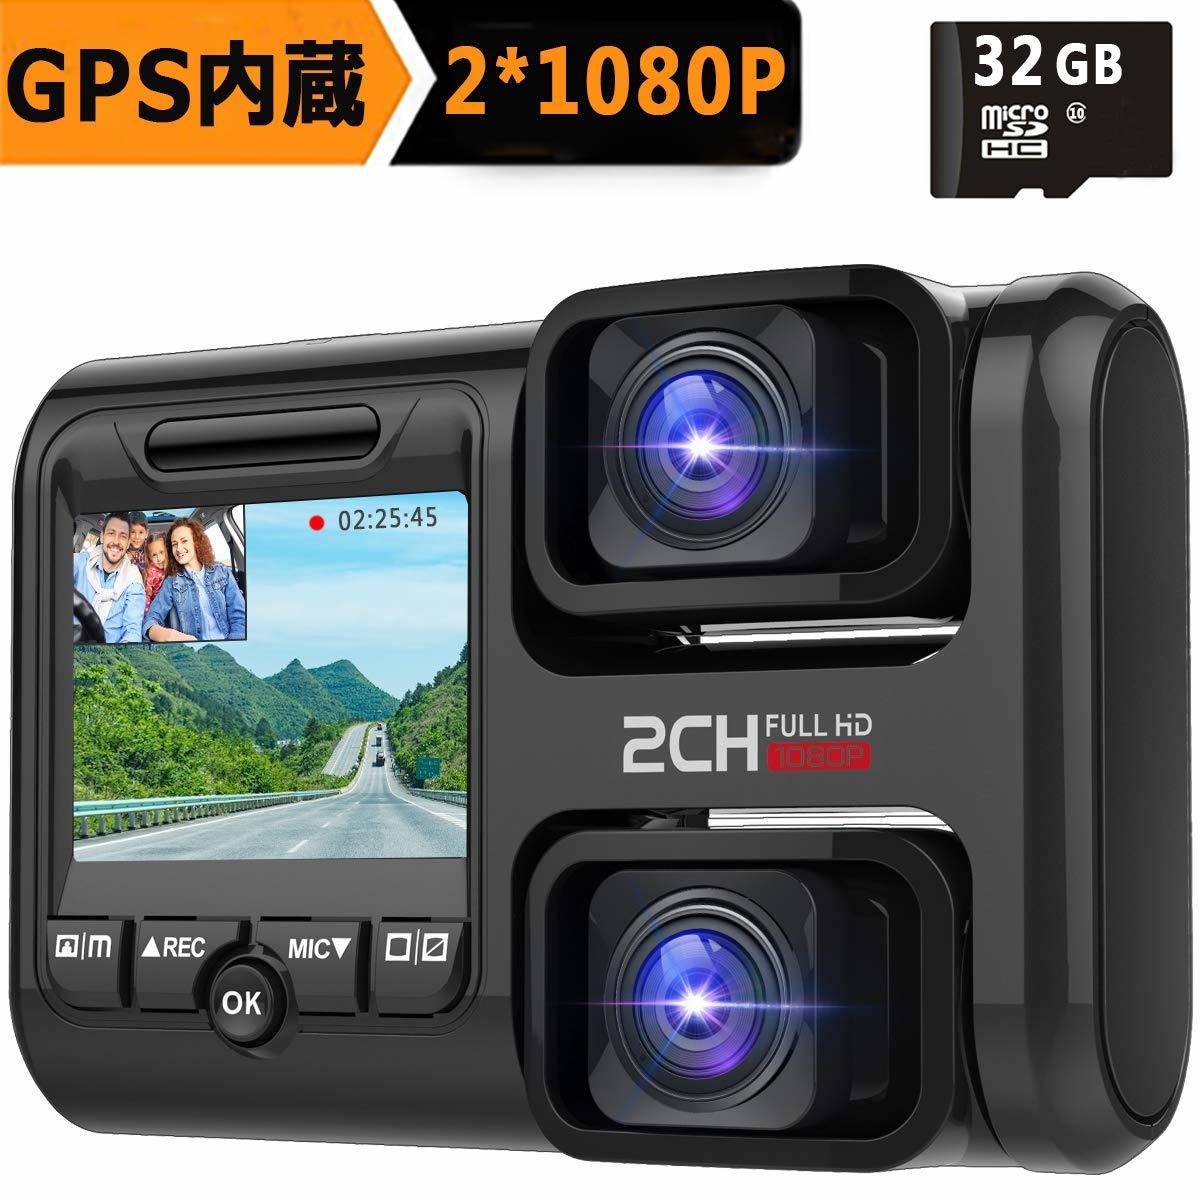 新品未使用 32Gカード付きドライブレコーダー 前後カメラ 1080PフルHD wifi搭載 内蔵GPS sonyセンサー 1200万画素 170度広角 WDR